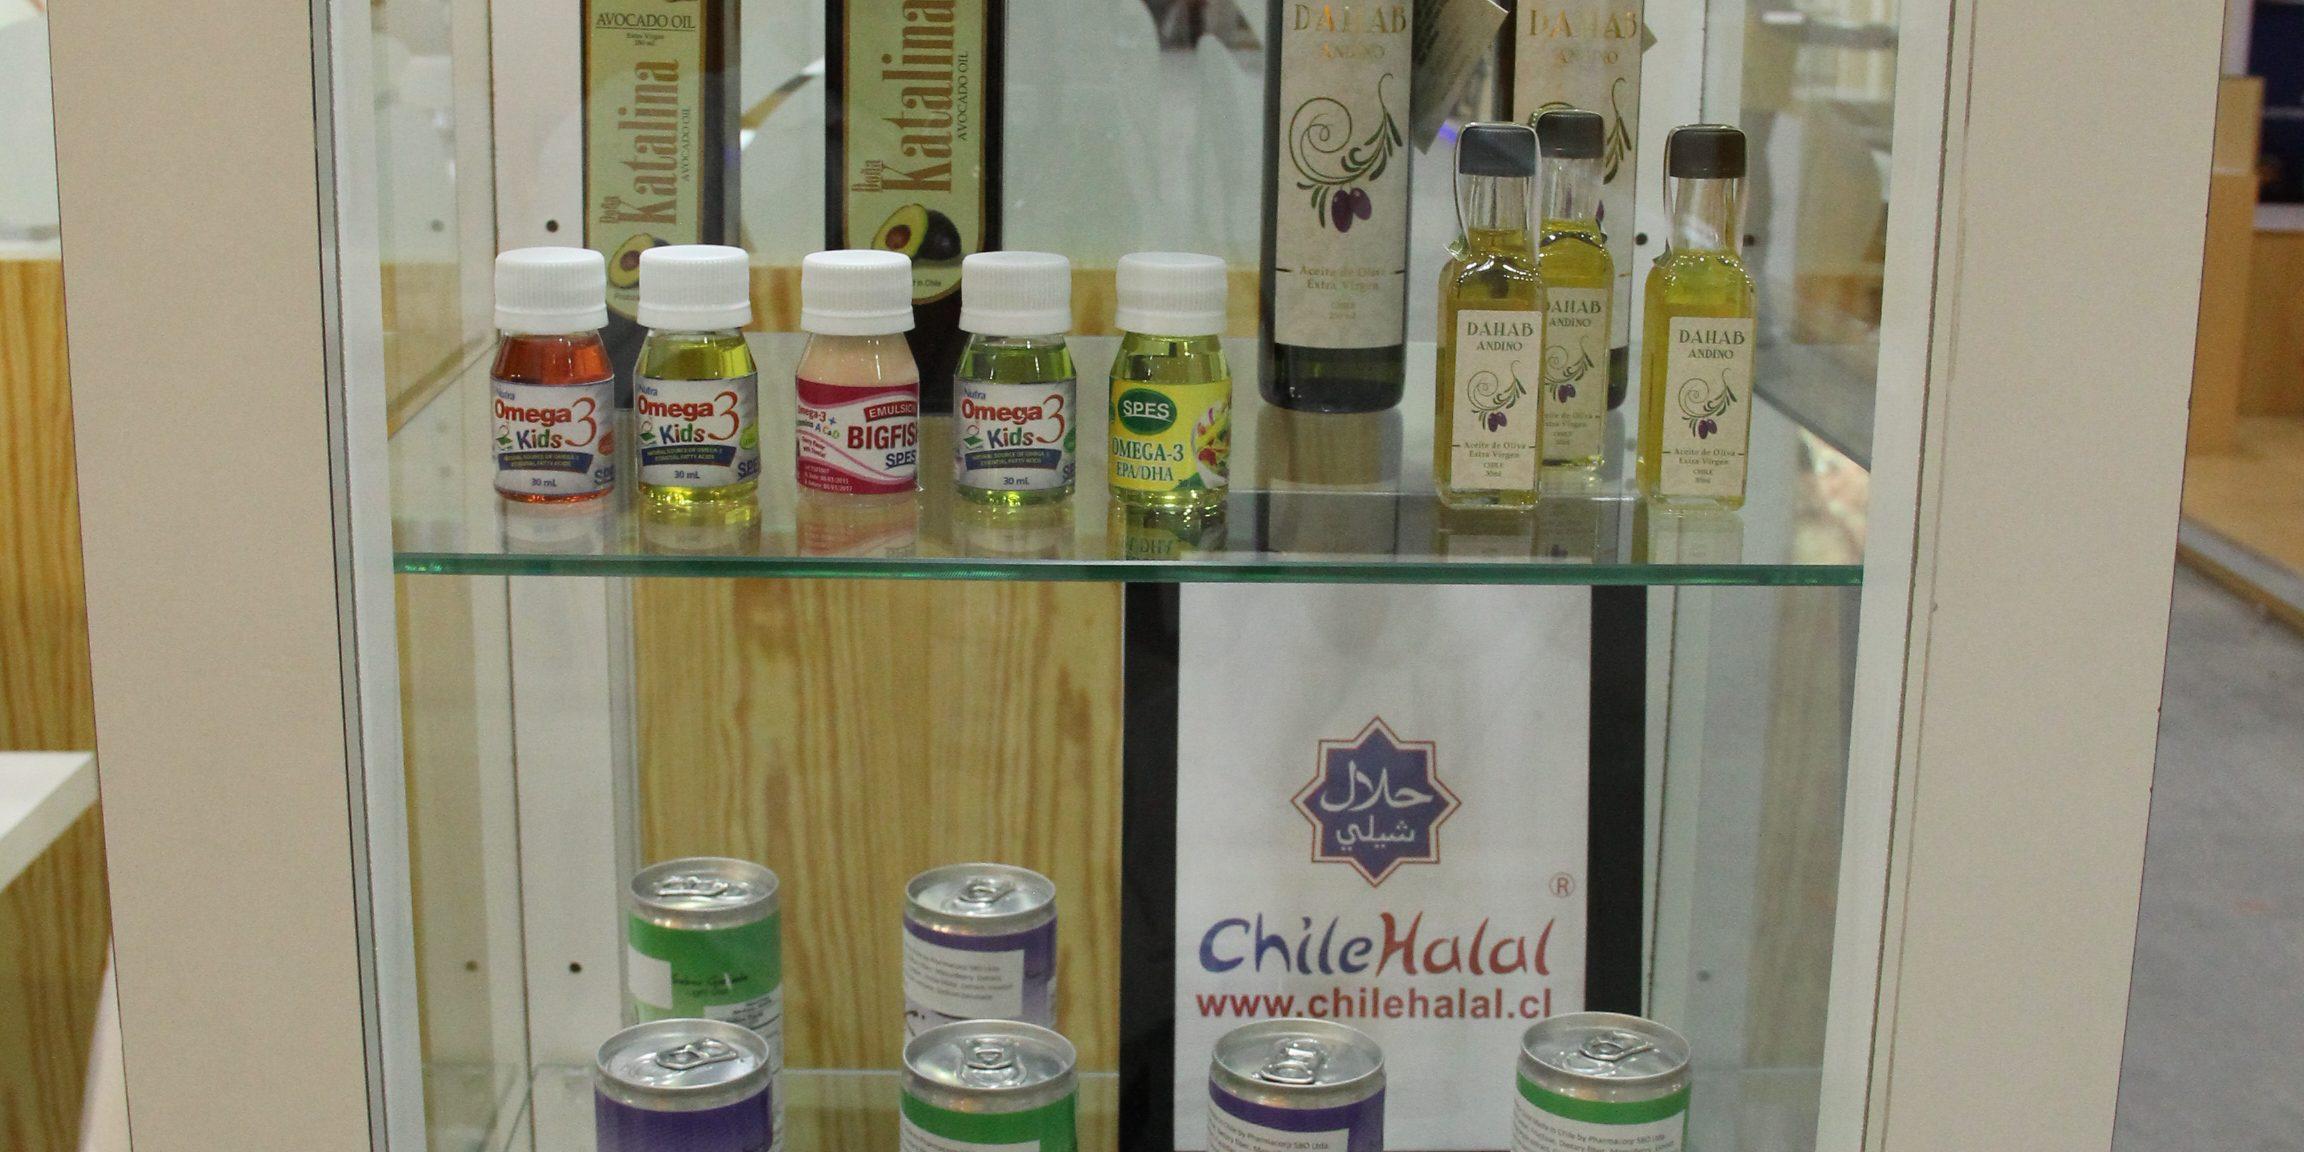 Expo 2015 Stand Enel : Chilehalal en gulfood 2015 dubaï promoviendo los productos chilenos